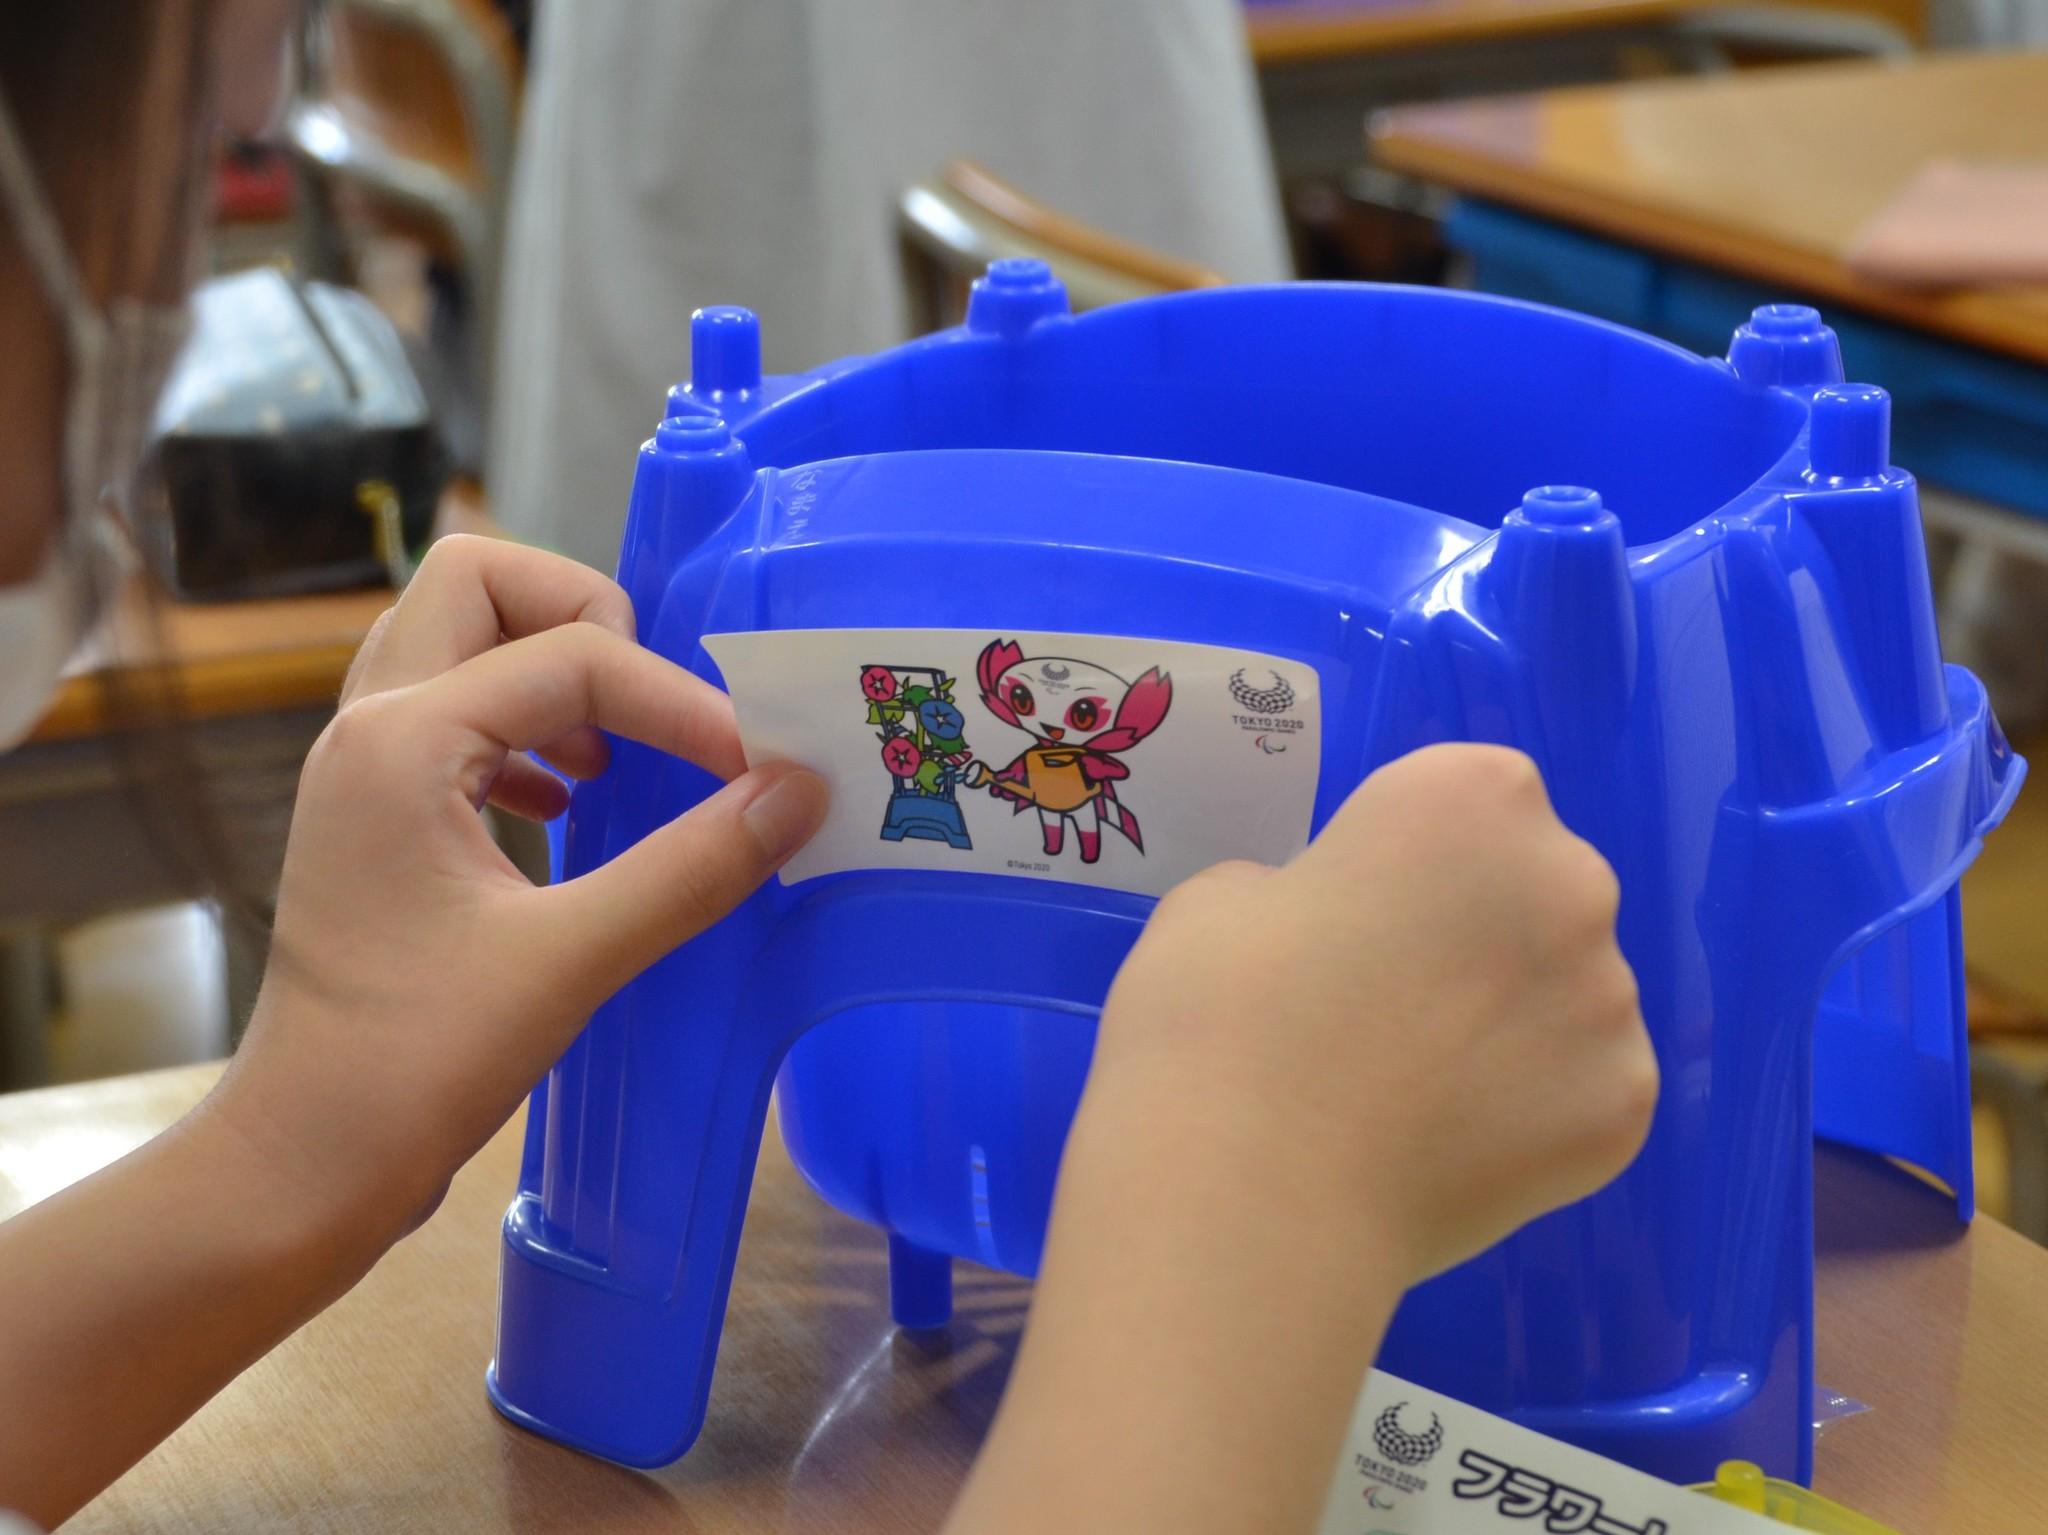 6年生 東京パラリンピックに向けた「プロジェクト」が始まっています